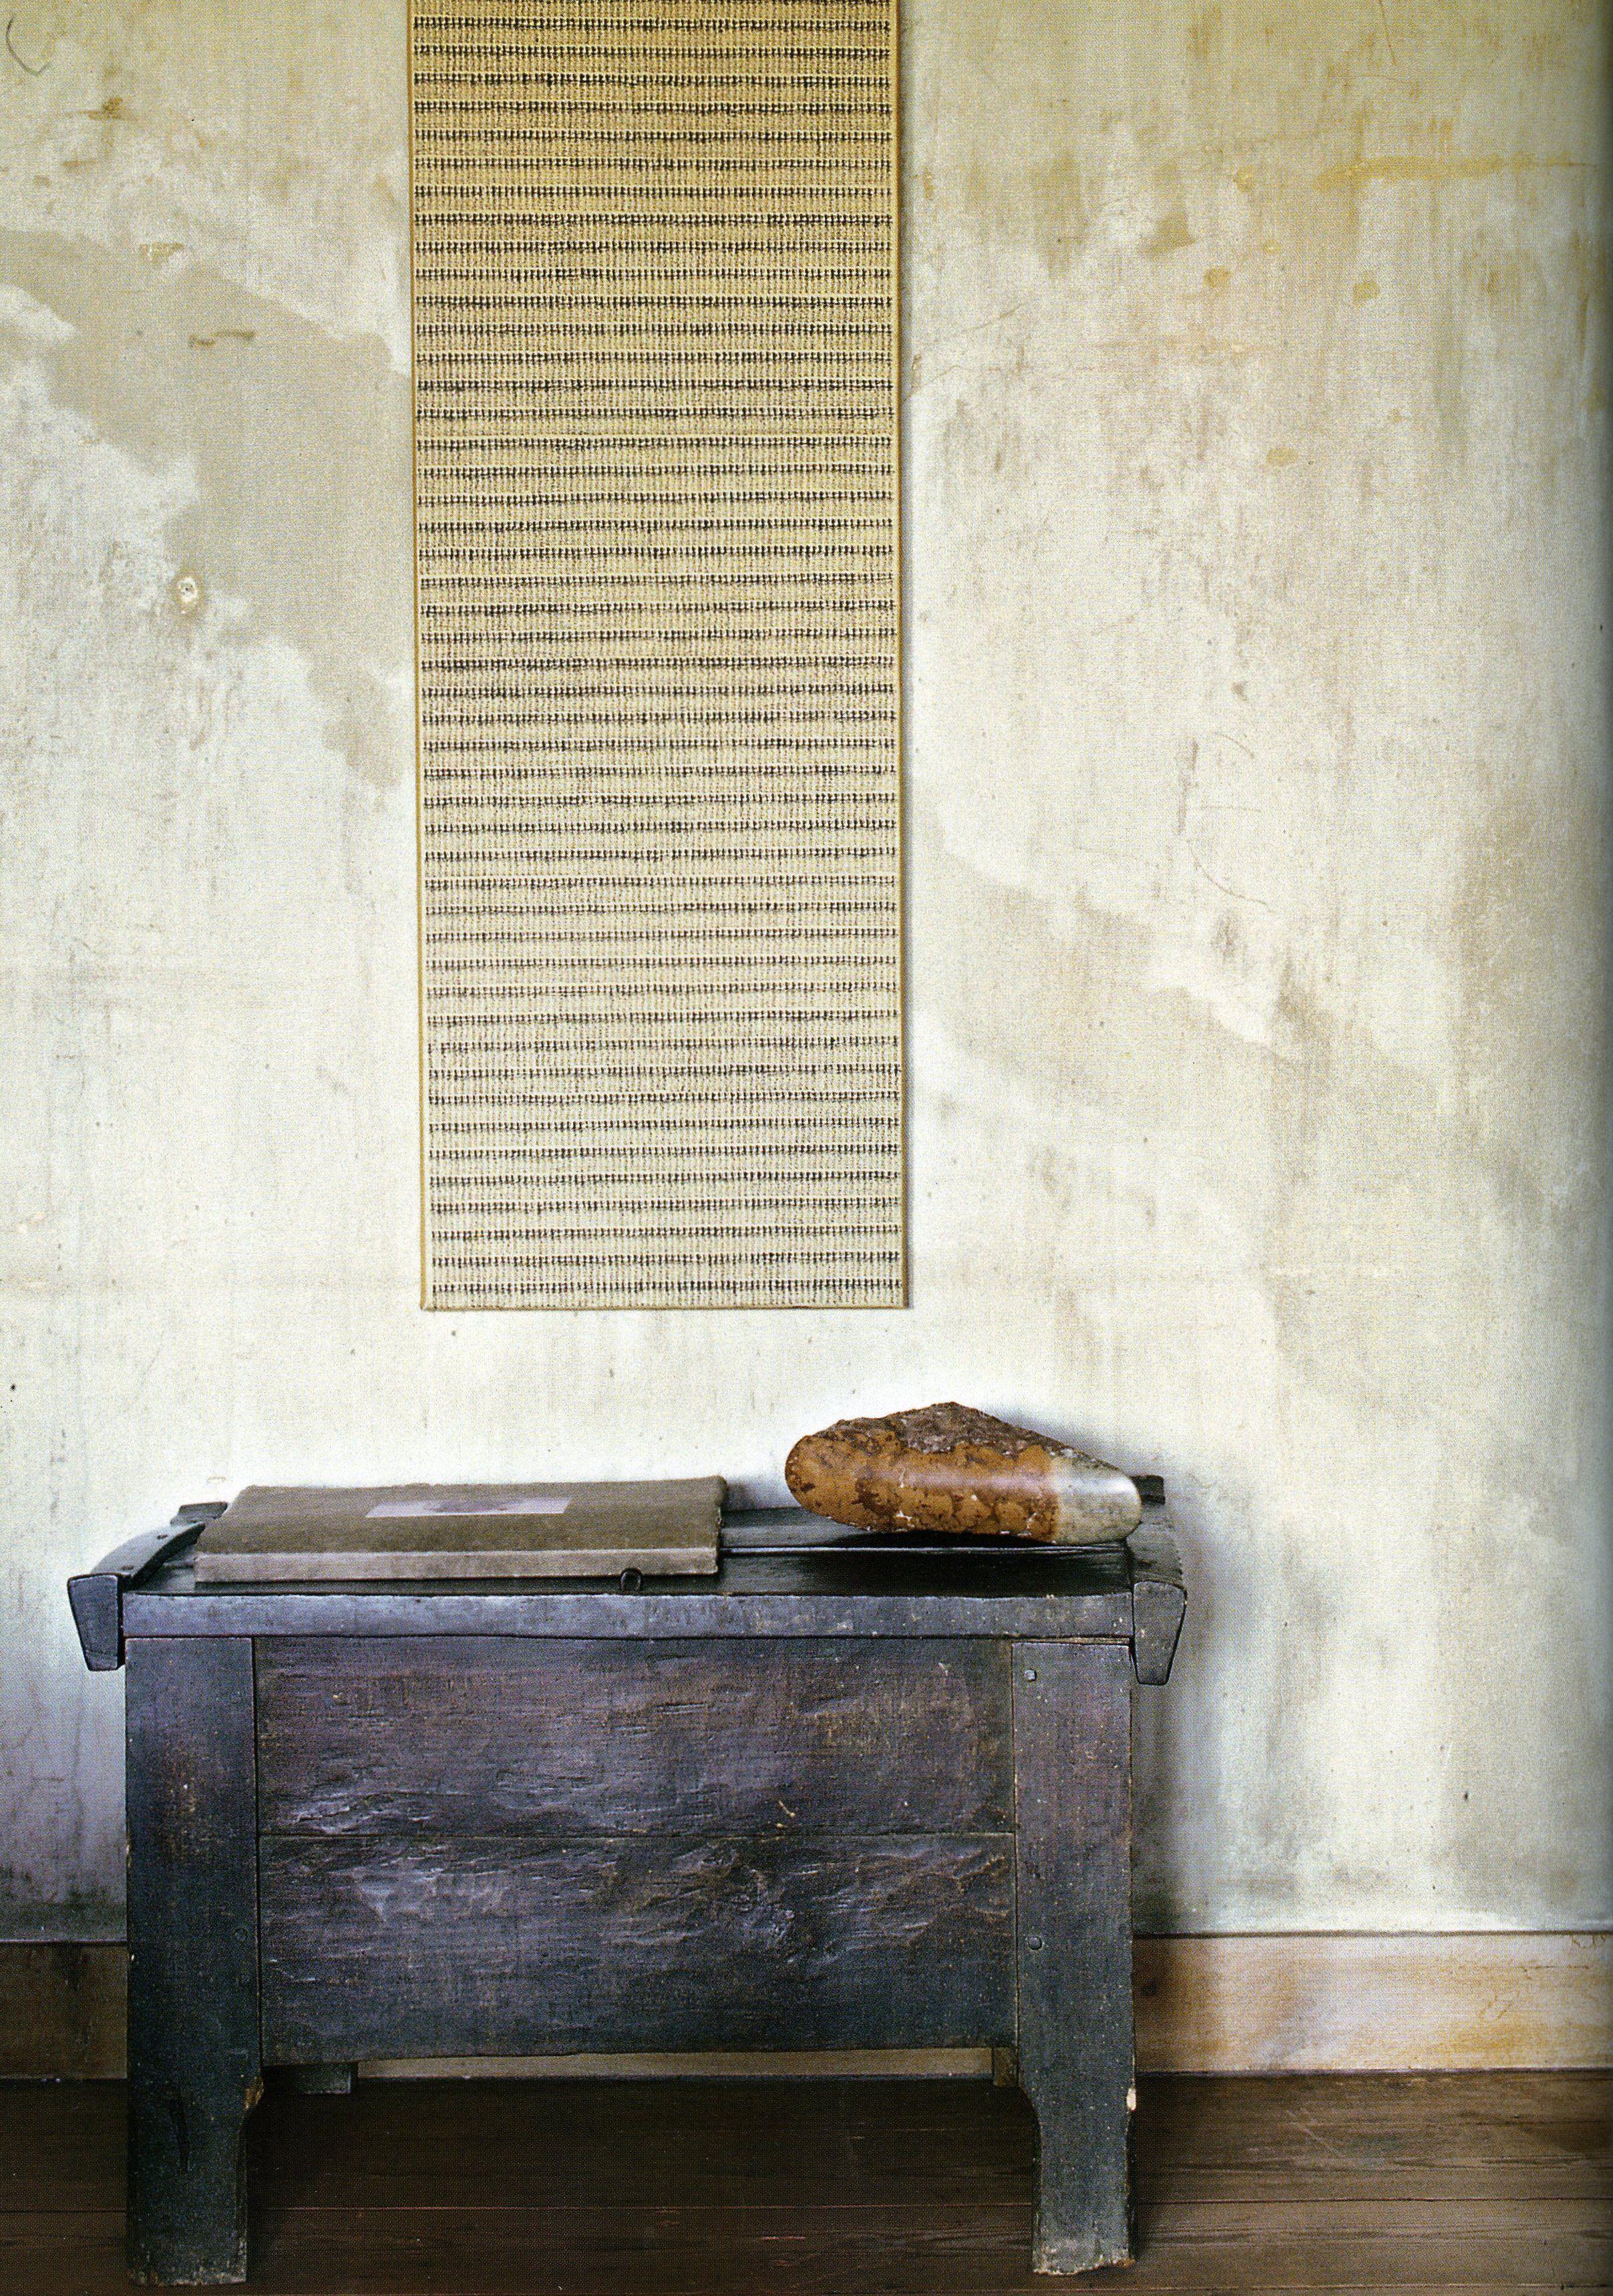 I K I Axel Vervoordt Timeless Interiors | dwell | Pinterest ...